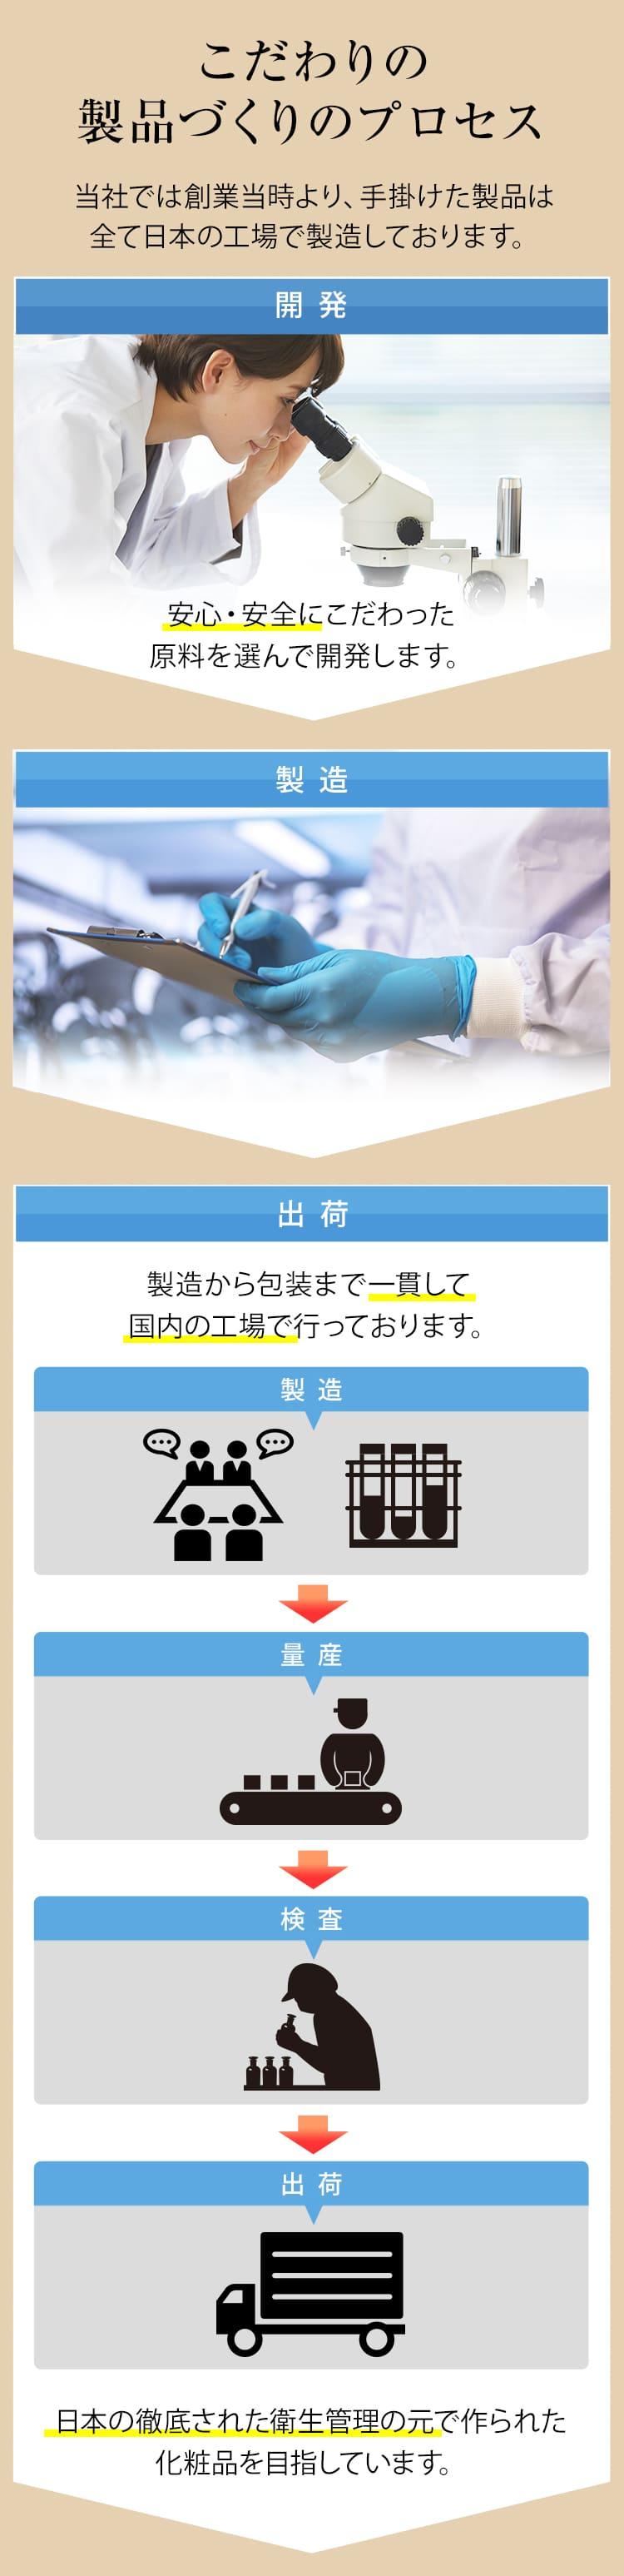 こだわりの製品づくりのプロセス 当社では創業当時より、手掛けた製品は全て日本の工場で製造しております。